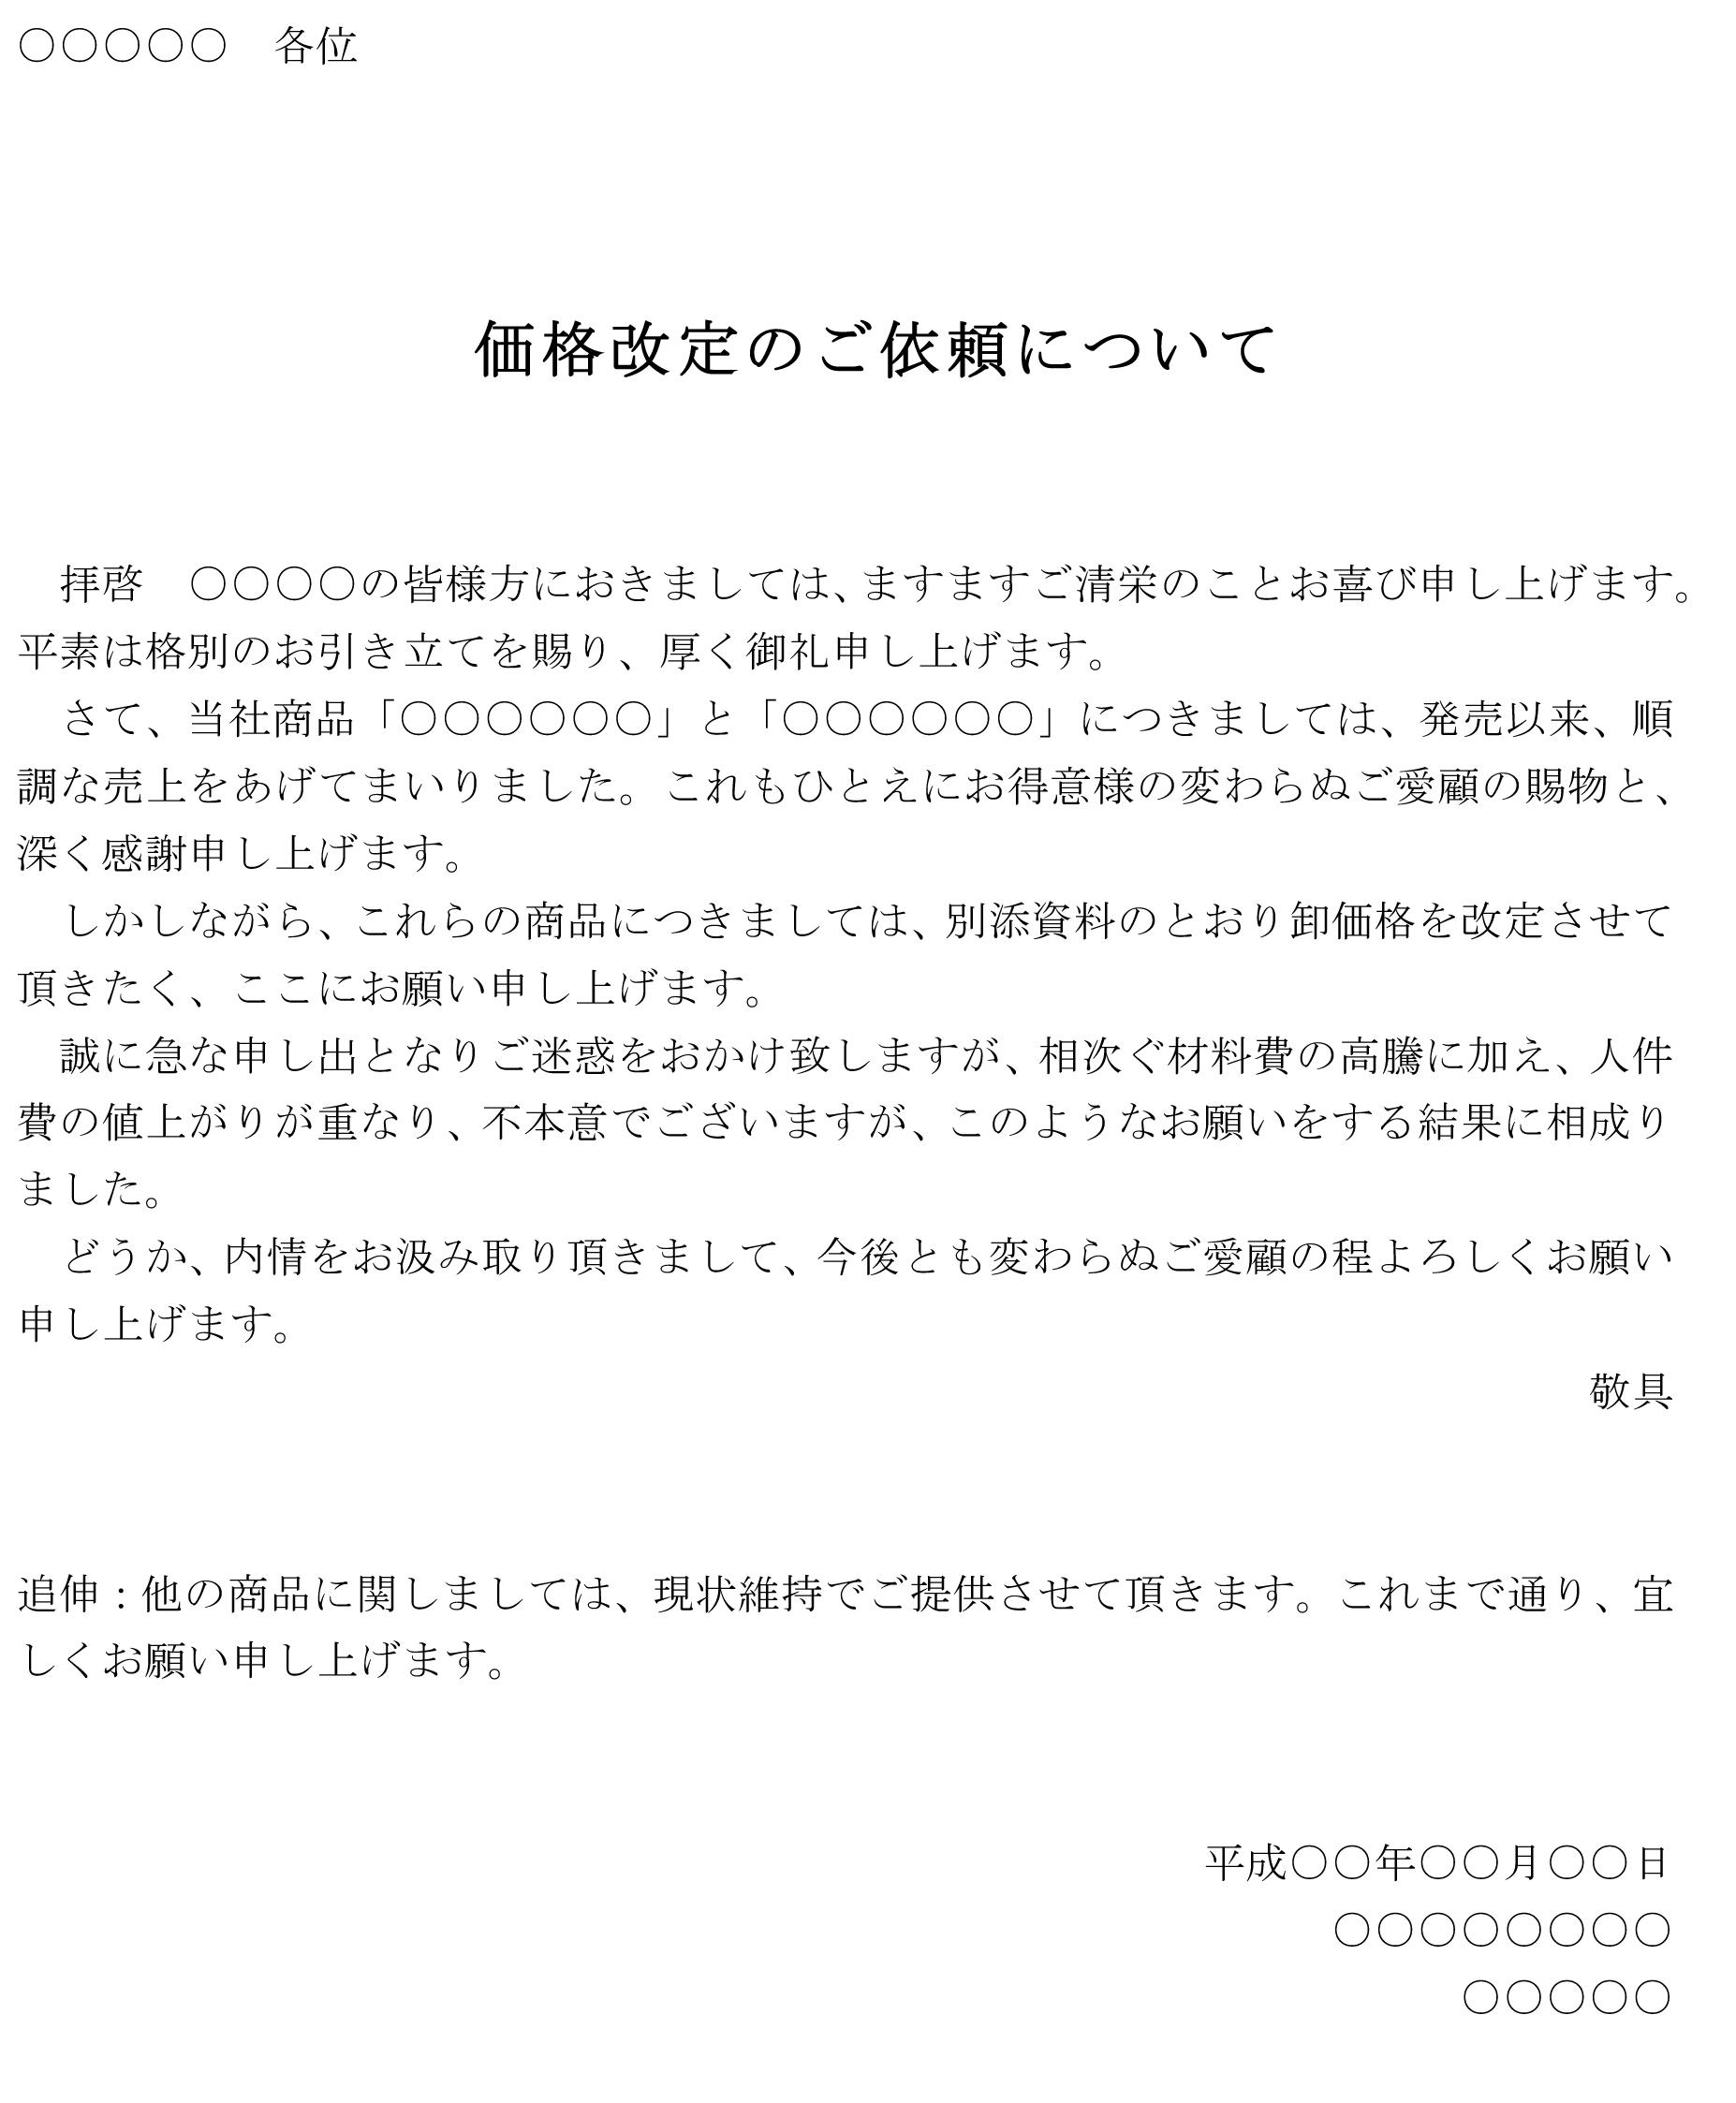 依頼状(価格改定)01